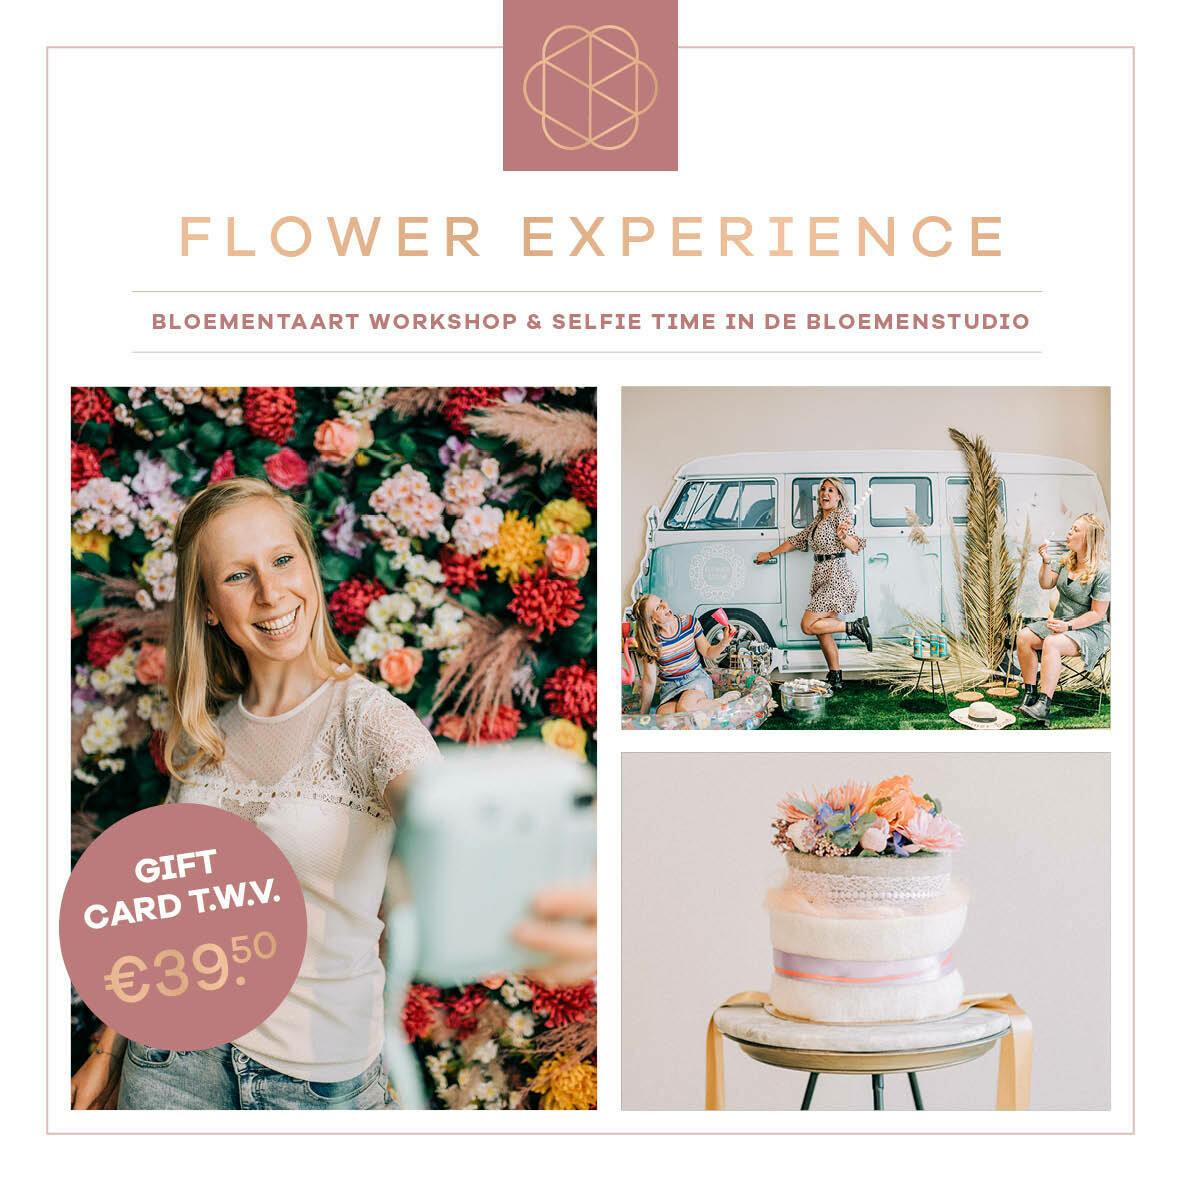 CADEAUBON Quarantaine Flower Experience: Flowercrown van droogbloemen of een bloementaart maken incl. selfie tijd met 5 unieke decors